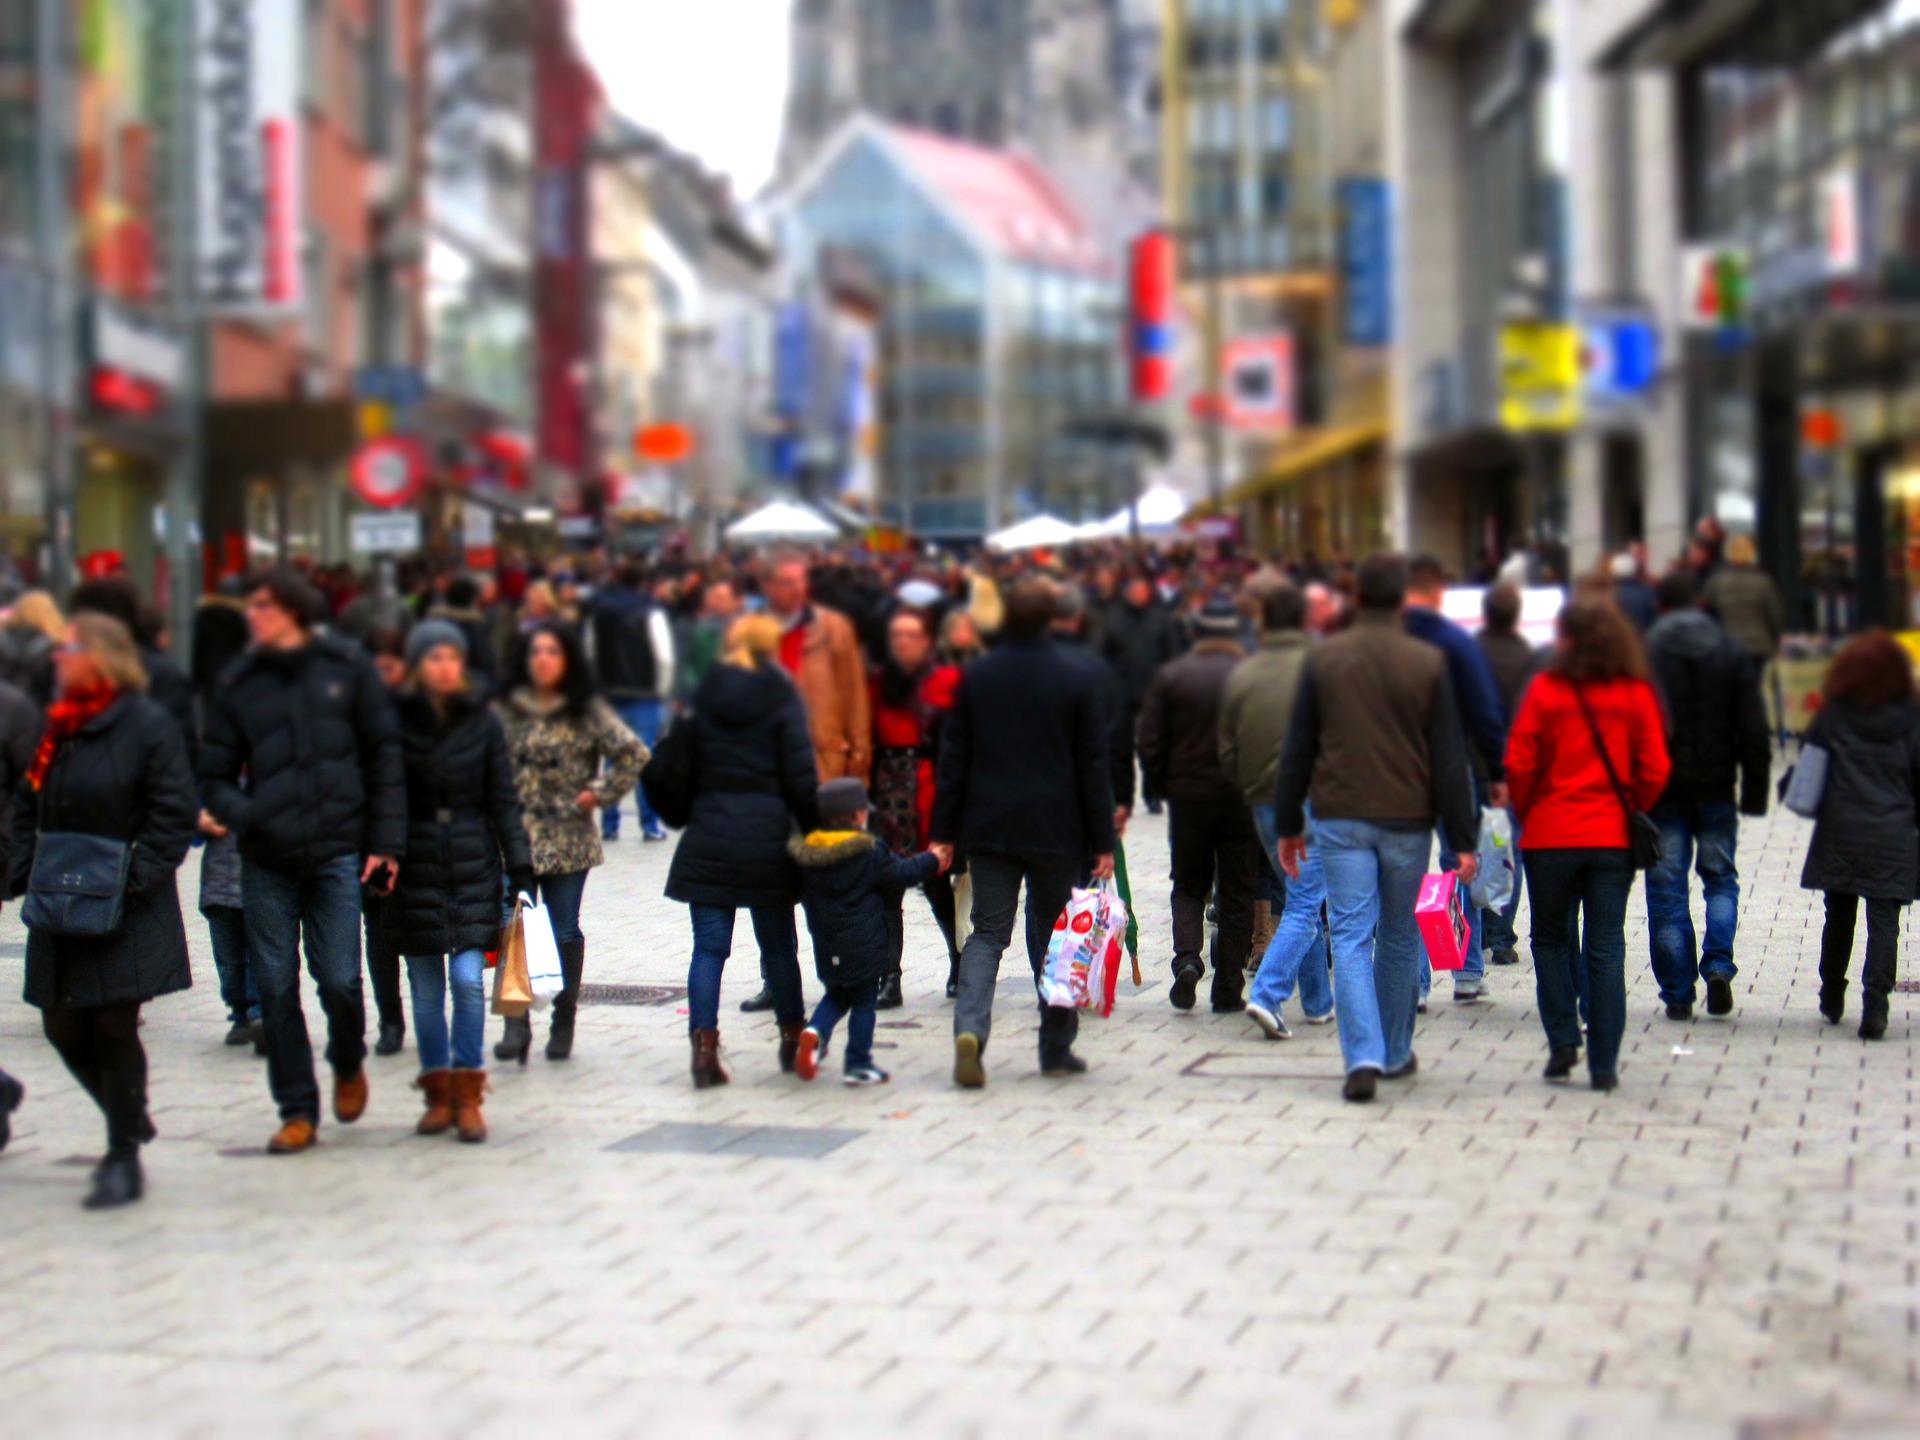 Foto: Einkaufsstraße